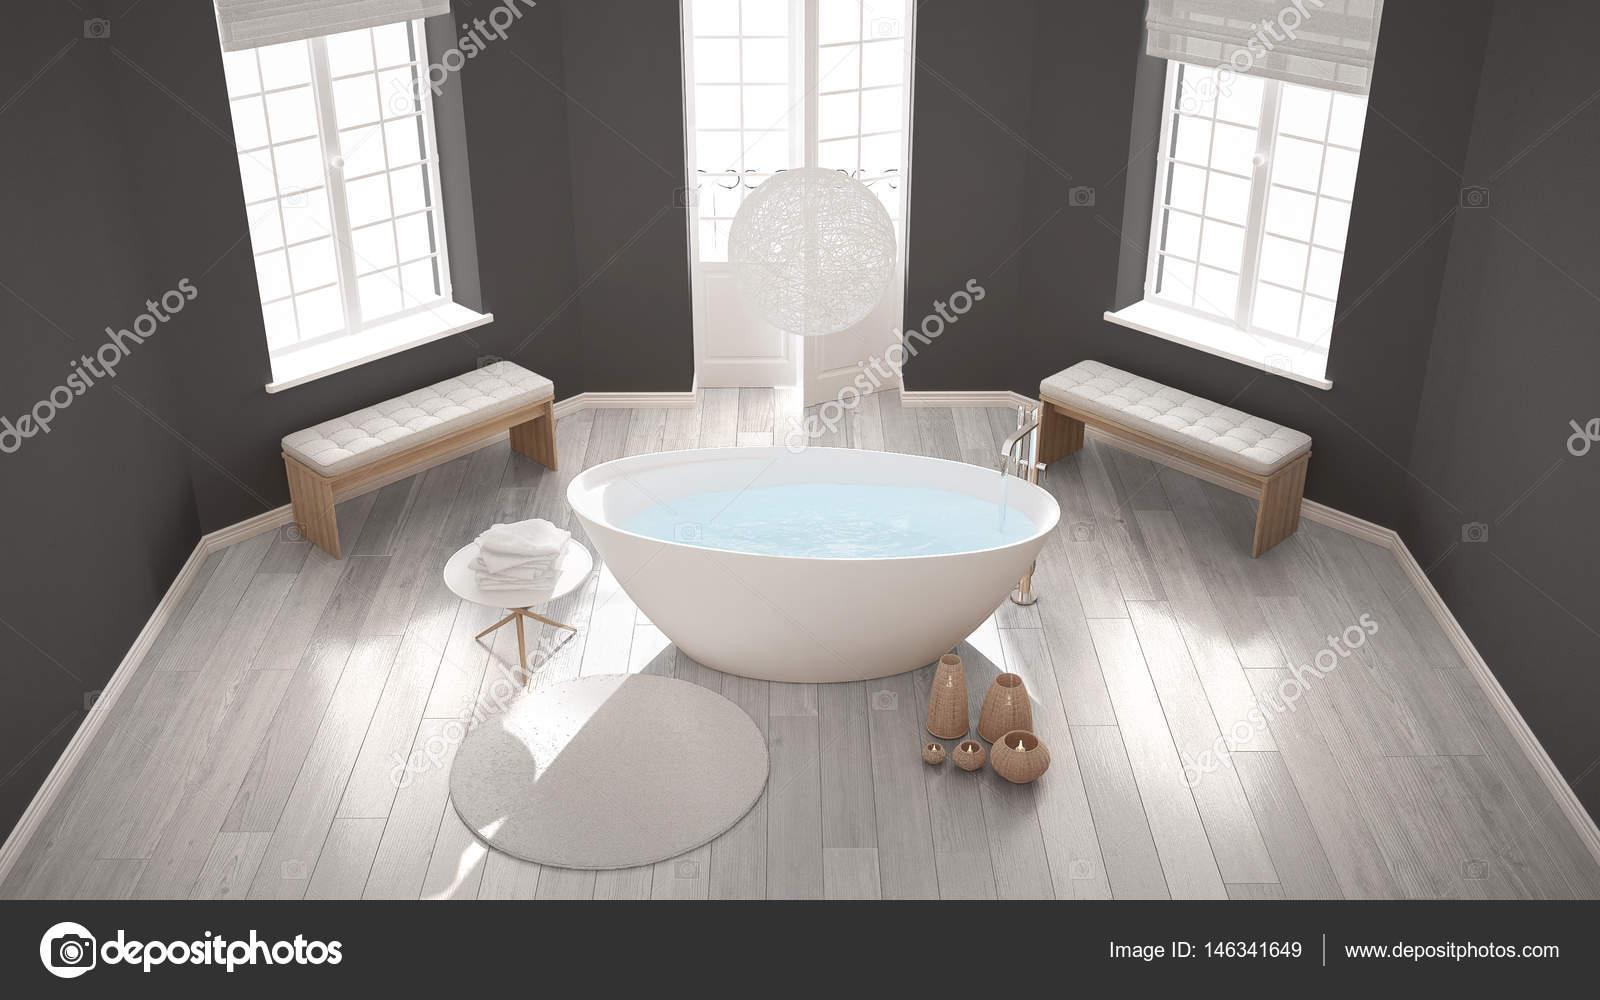 Vasche Da Bagno Zen : Zen centro benessere classico bagno con vasca da bagno minimalista